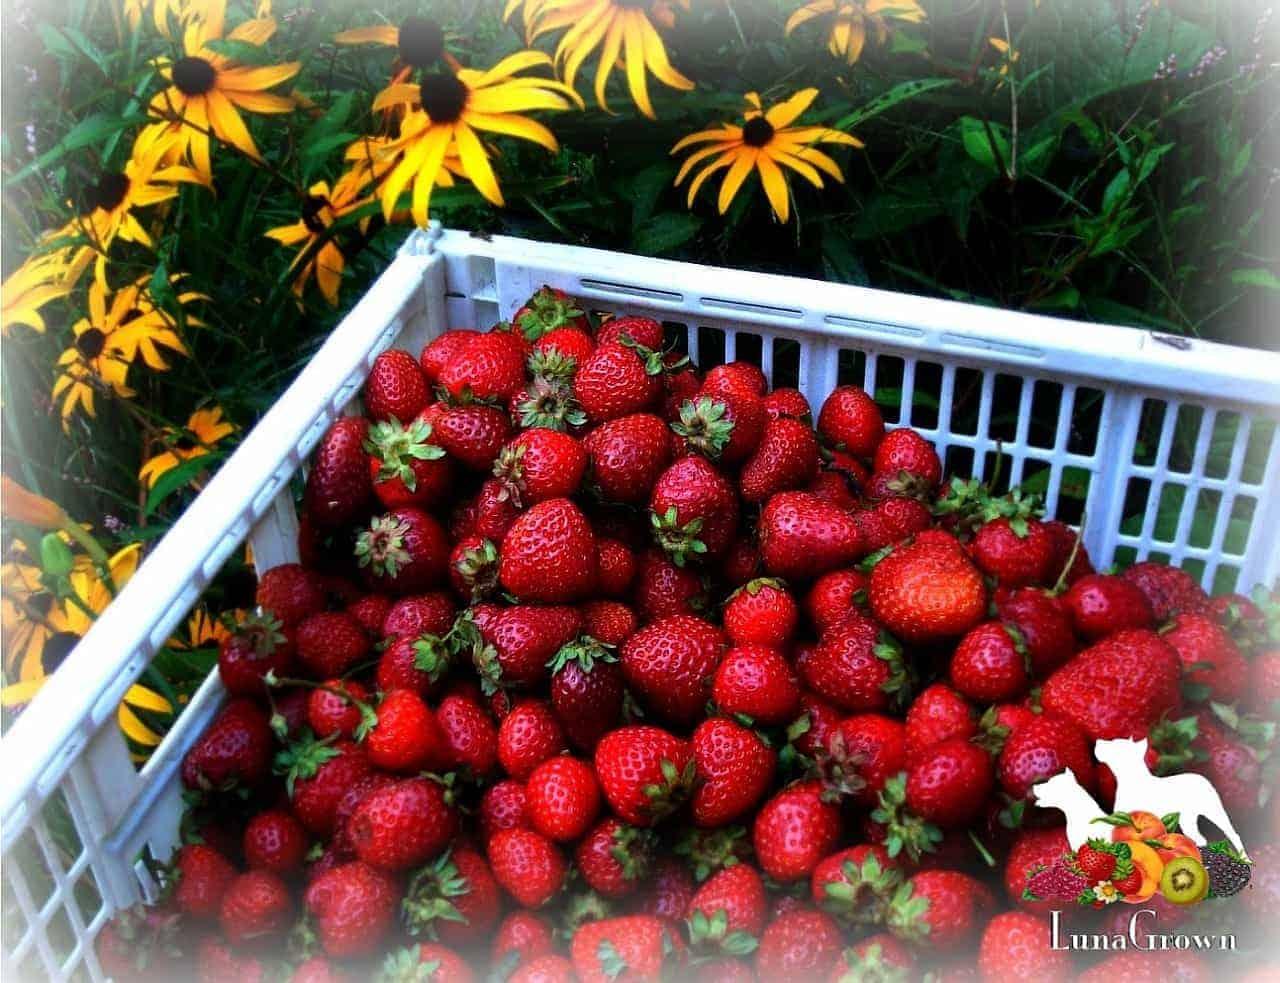 LunaGrown Local grown strawberries